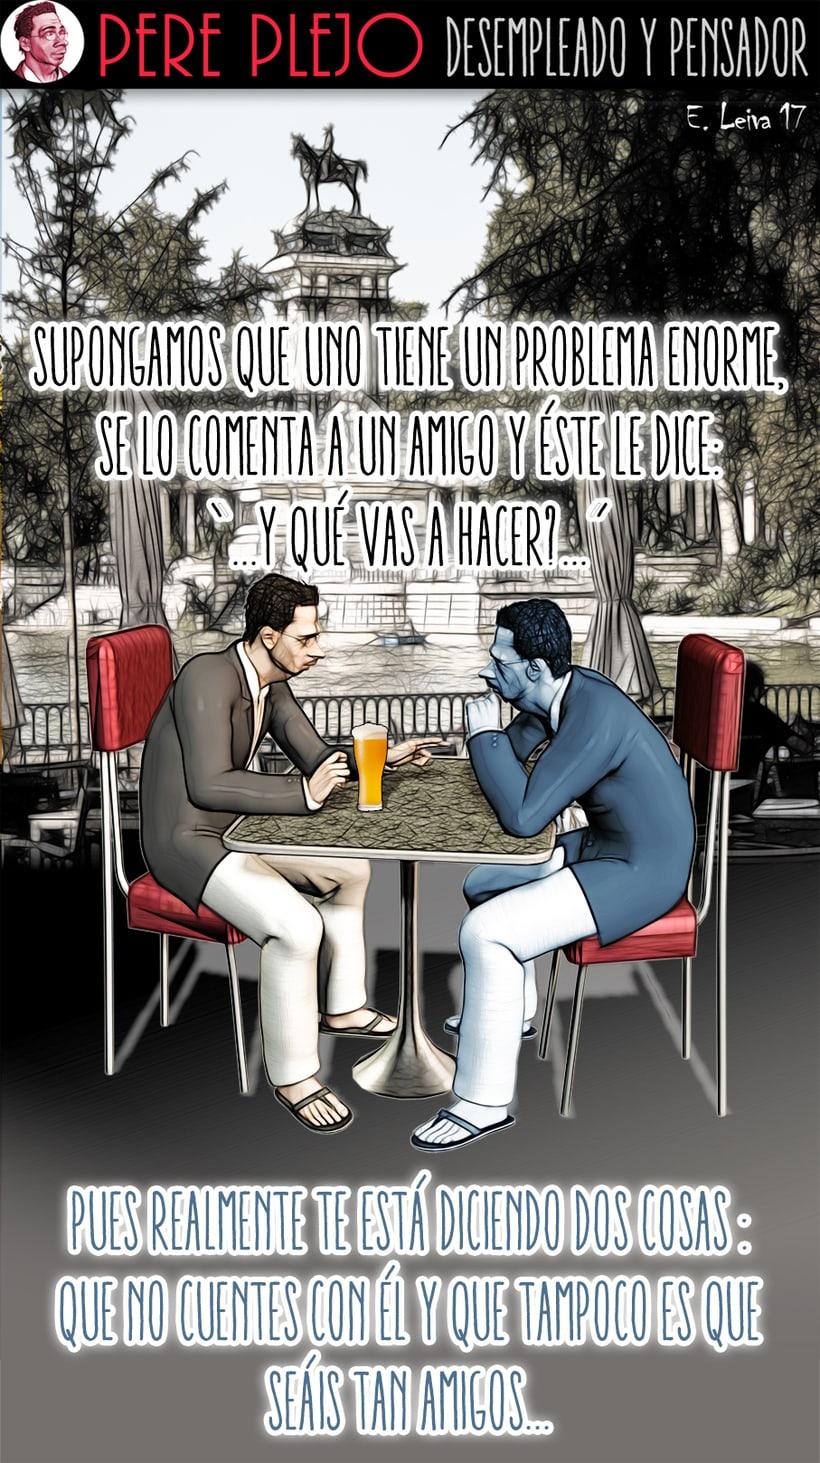 Pere Plejo 25